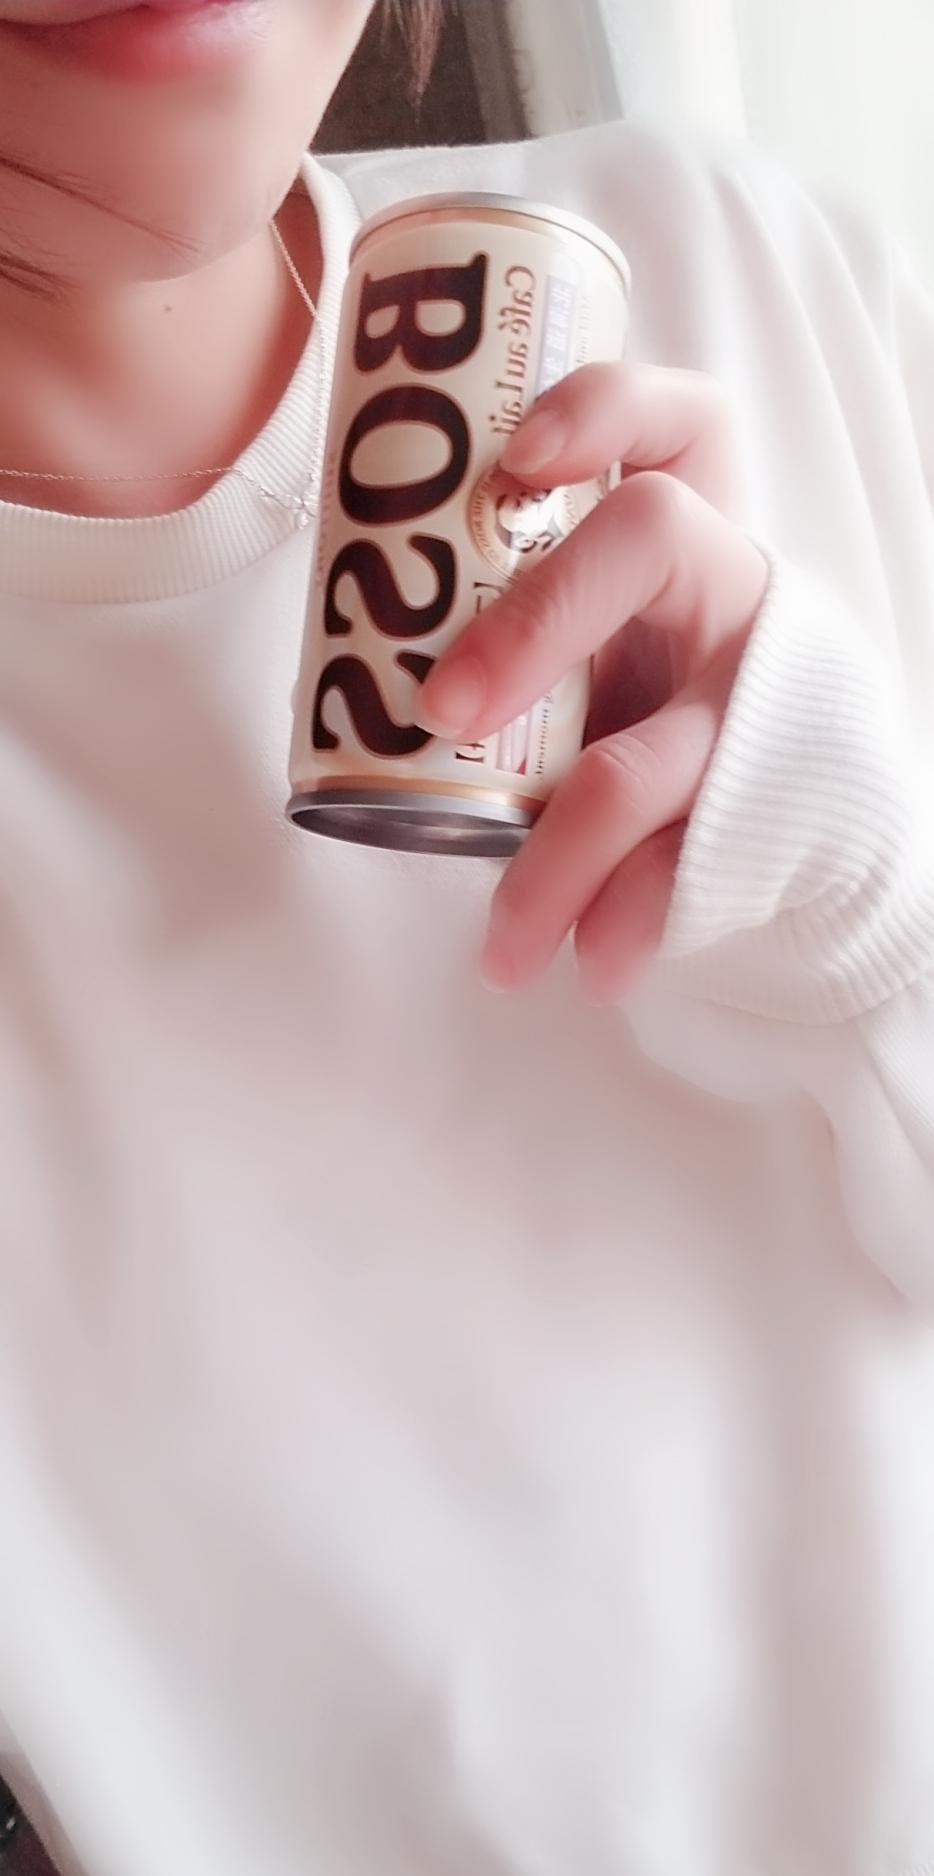 「写真のせれてなかった」11/21日(水) 07:59 | せなの写メ・風俗動画